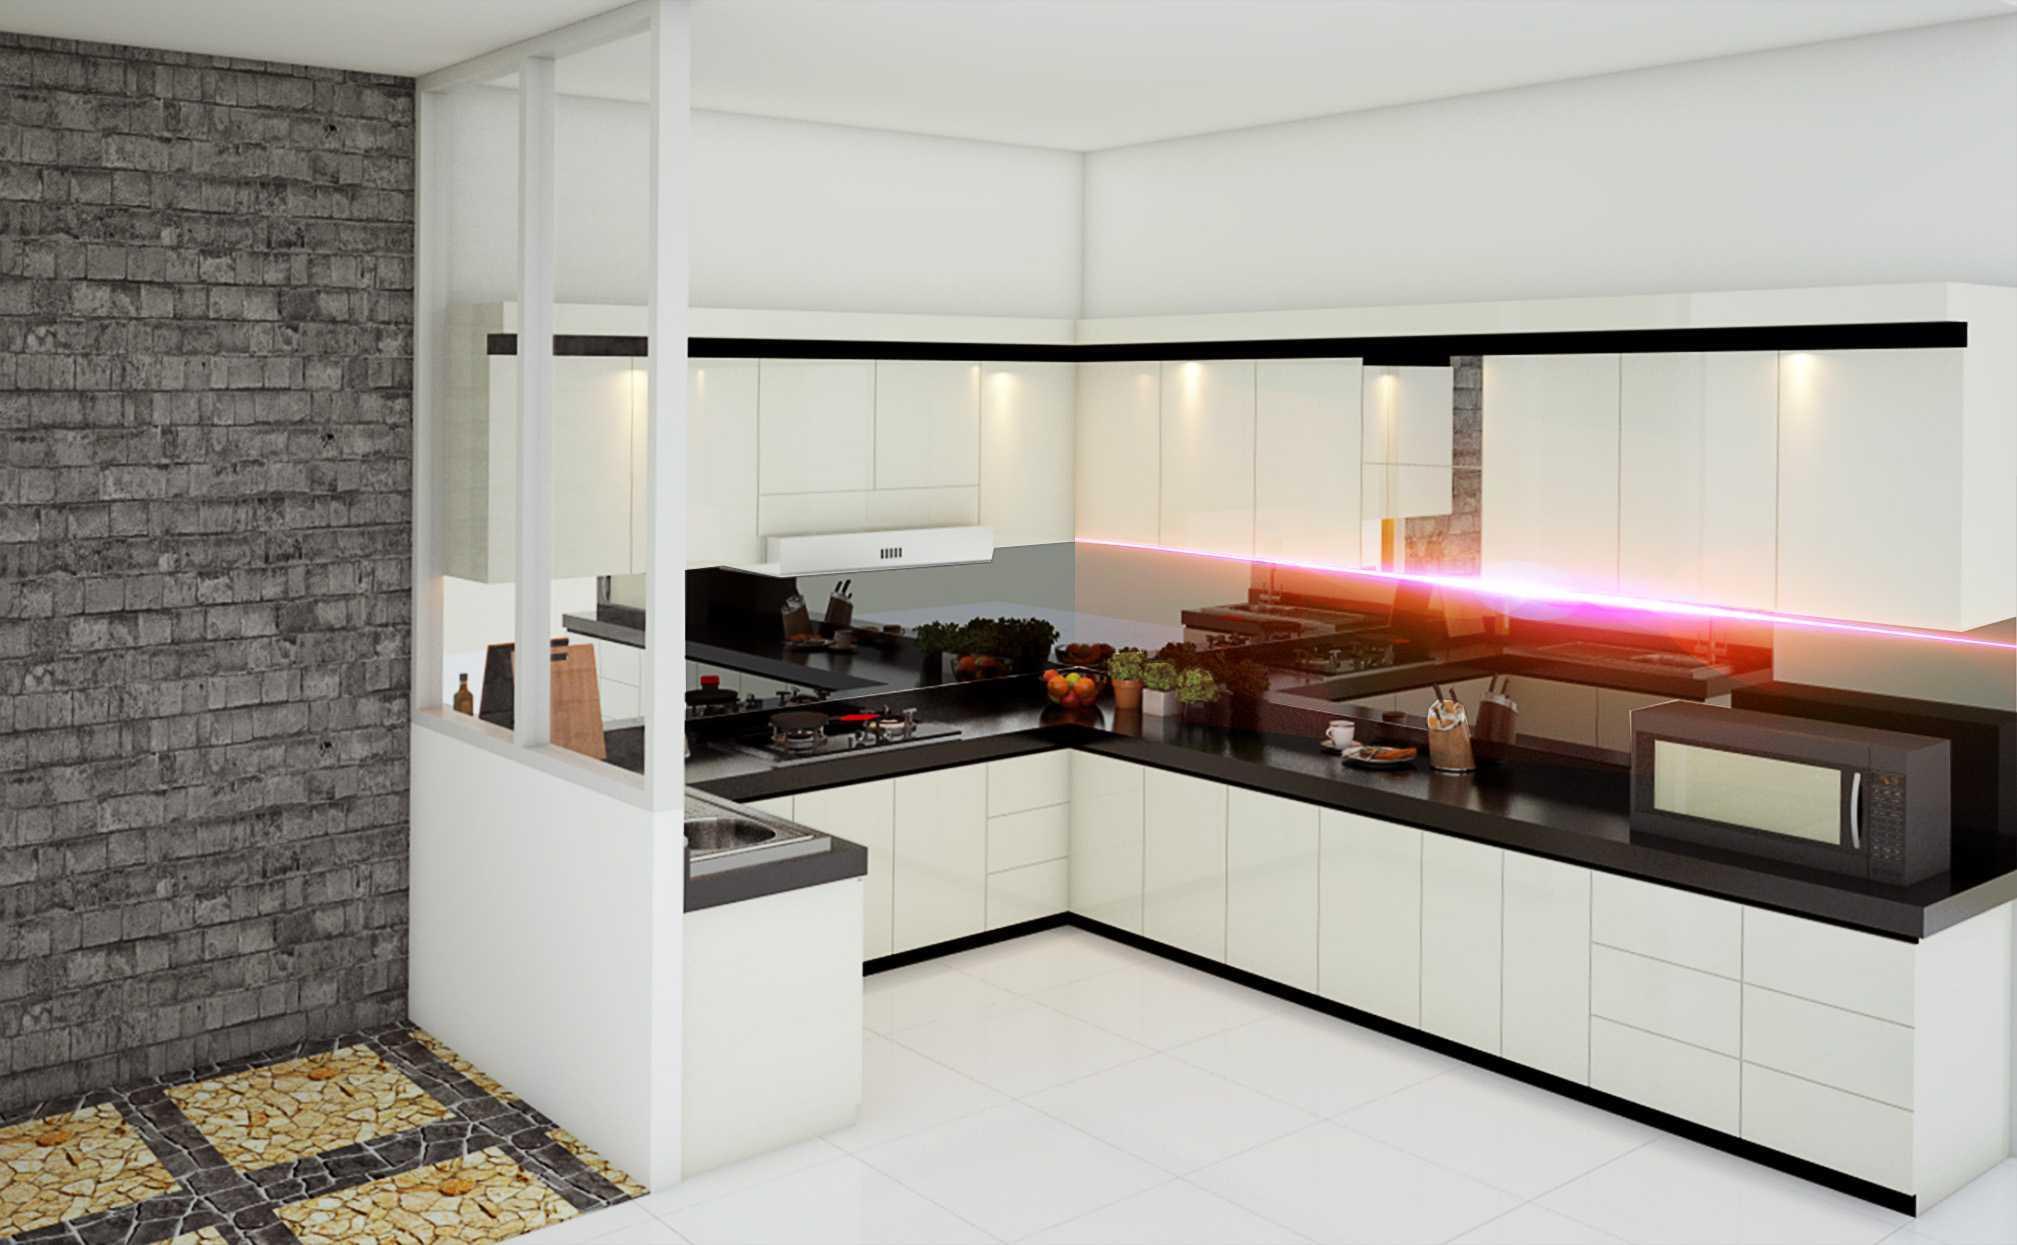 Sabio Design White Kitchen - Taman Kopo Indah Unnamed Road, Margahayu Sel., Kec. Margahayu, Bandung, Jawa Barat 40226, Indonesia Unnamed Road, Margahayu Sel., Kec. Margahayu, Bandung, Jawa Barat 40226, Indonesia Sabio-Design-White-Kitchen-Taman-Kopo-Indah  116097